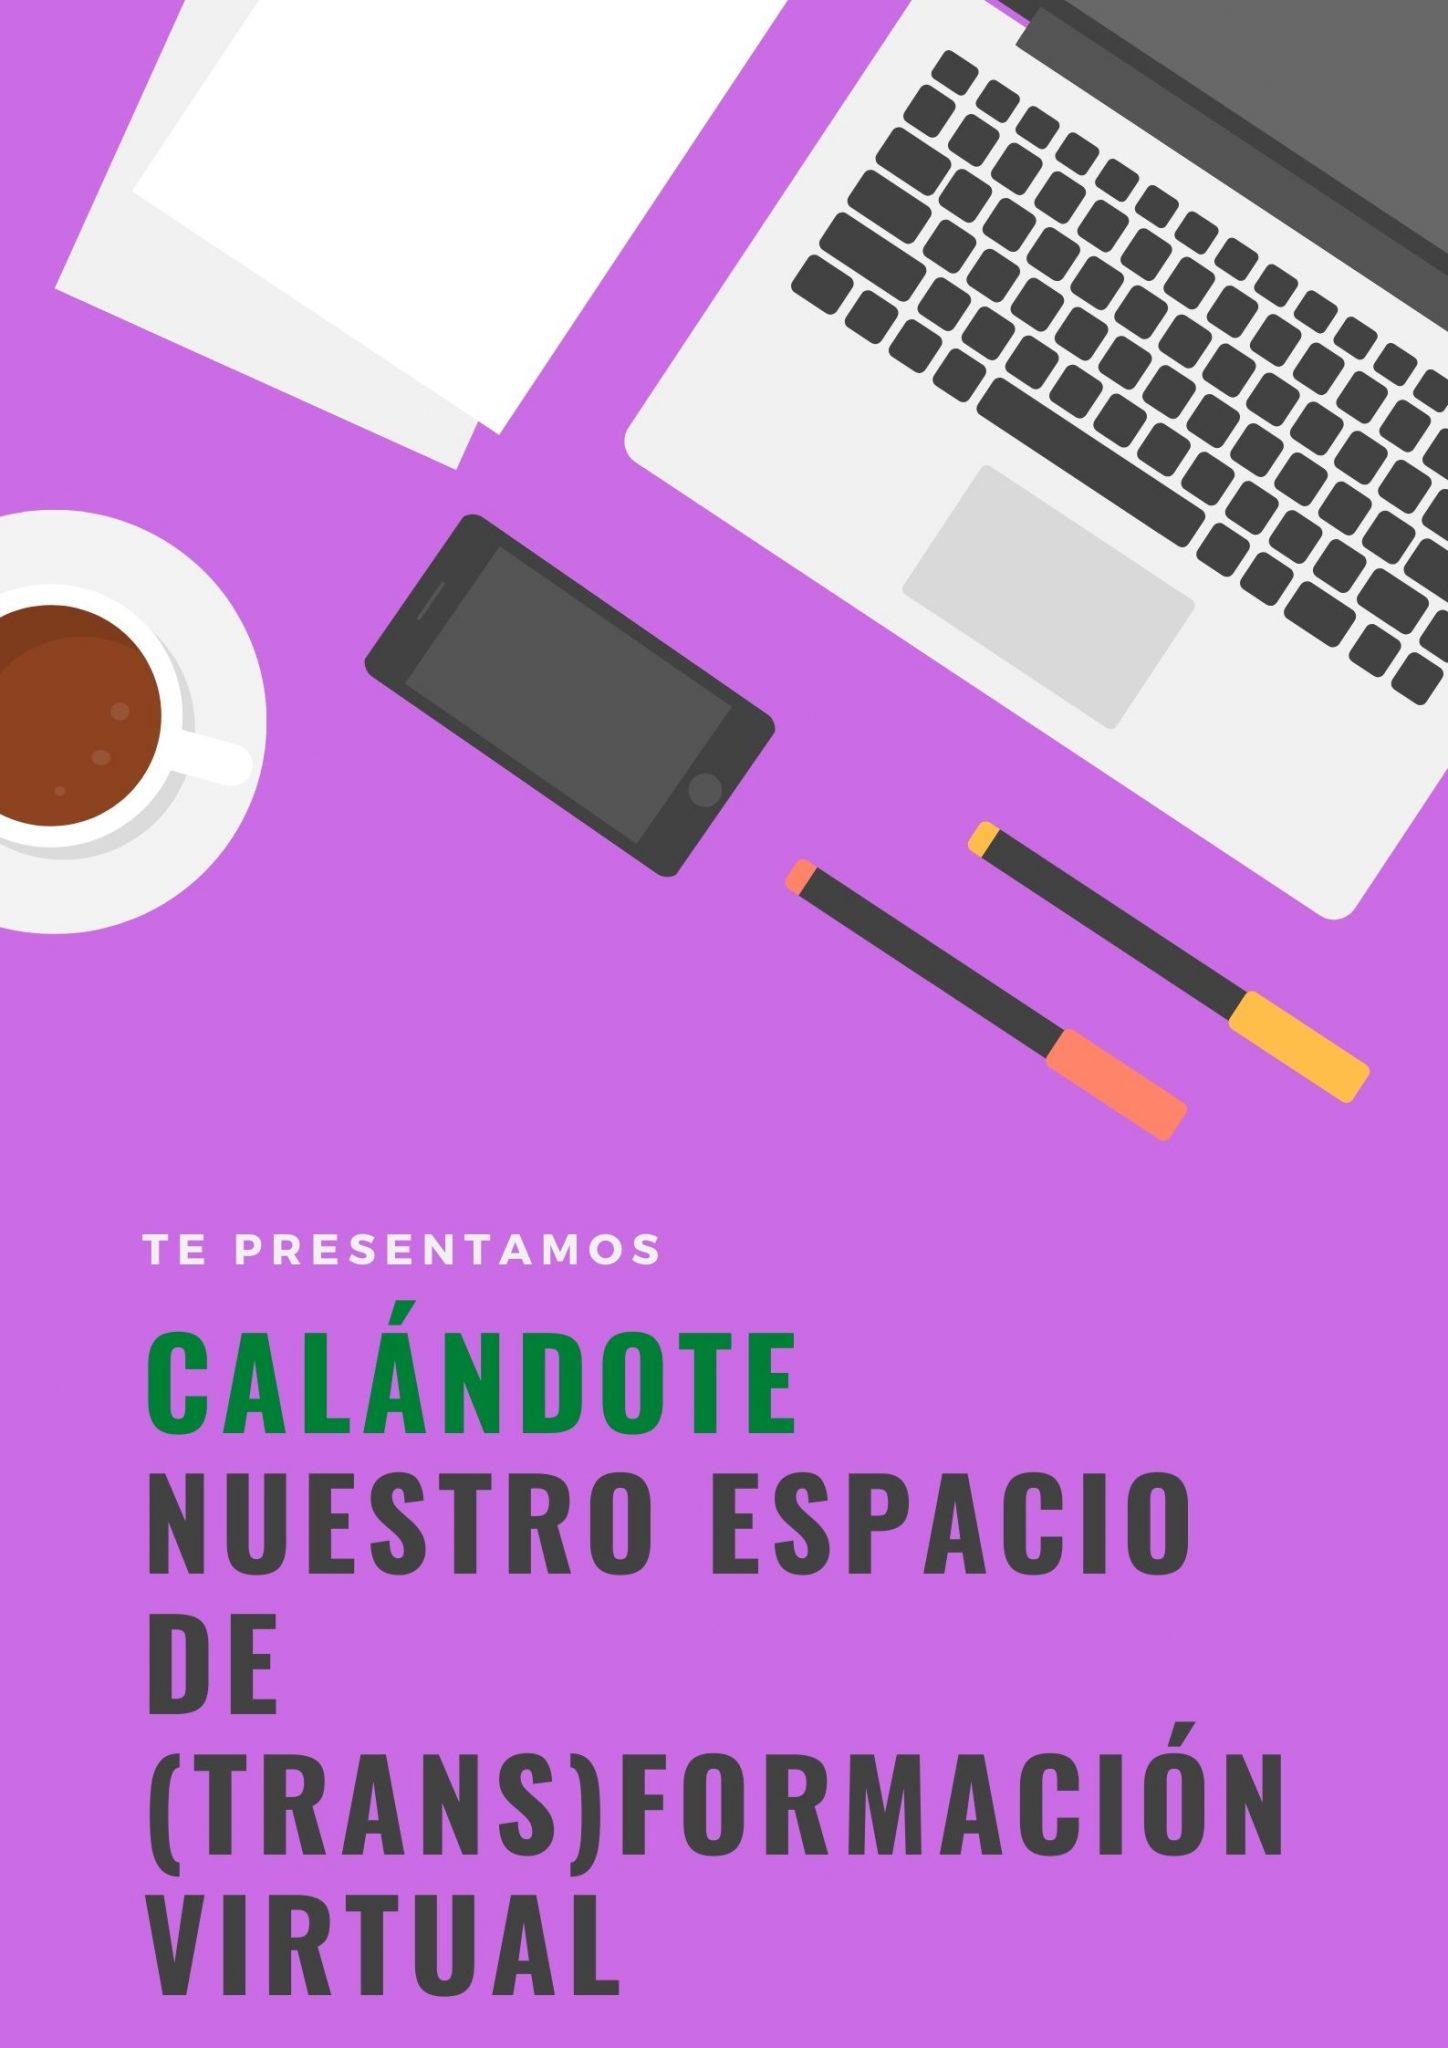 CALÁNDOTE UN NUEVO ESPACIO DE FORMACIÓN VIRTUAL DEL EQUIPO CALA